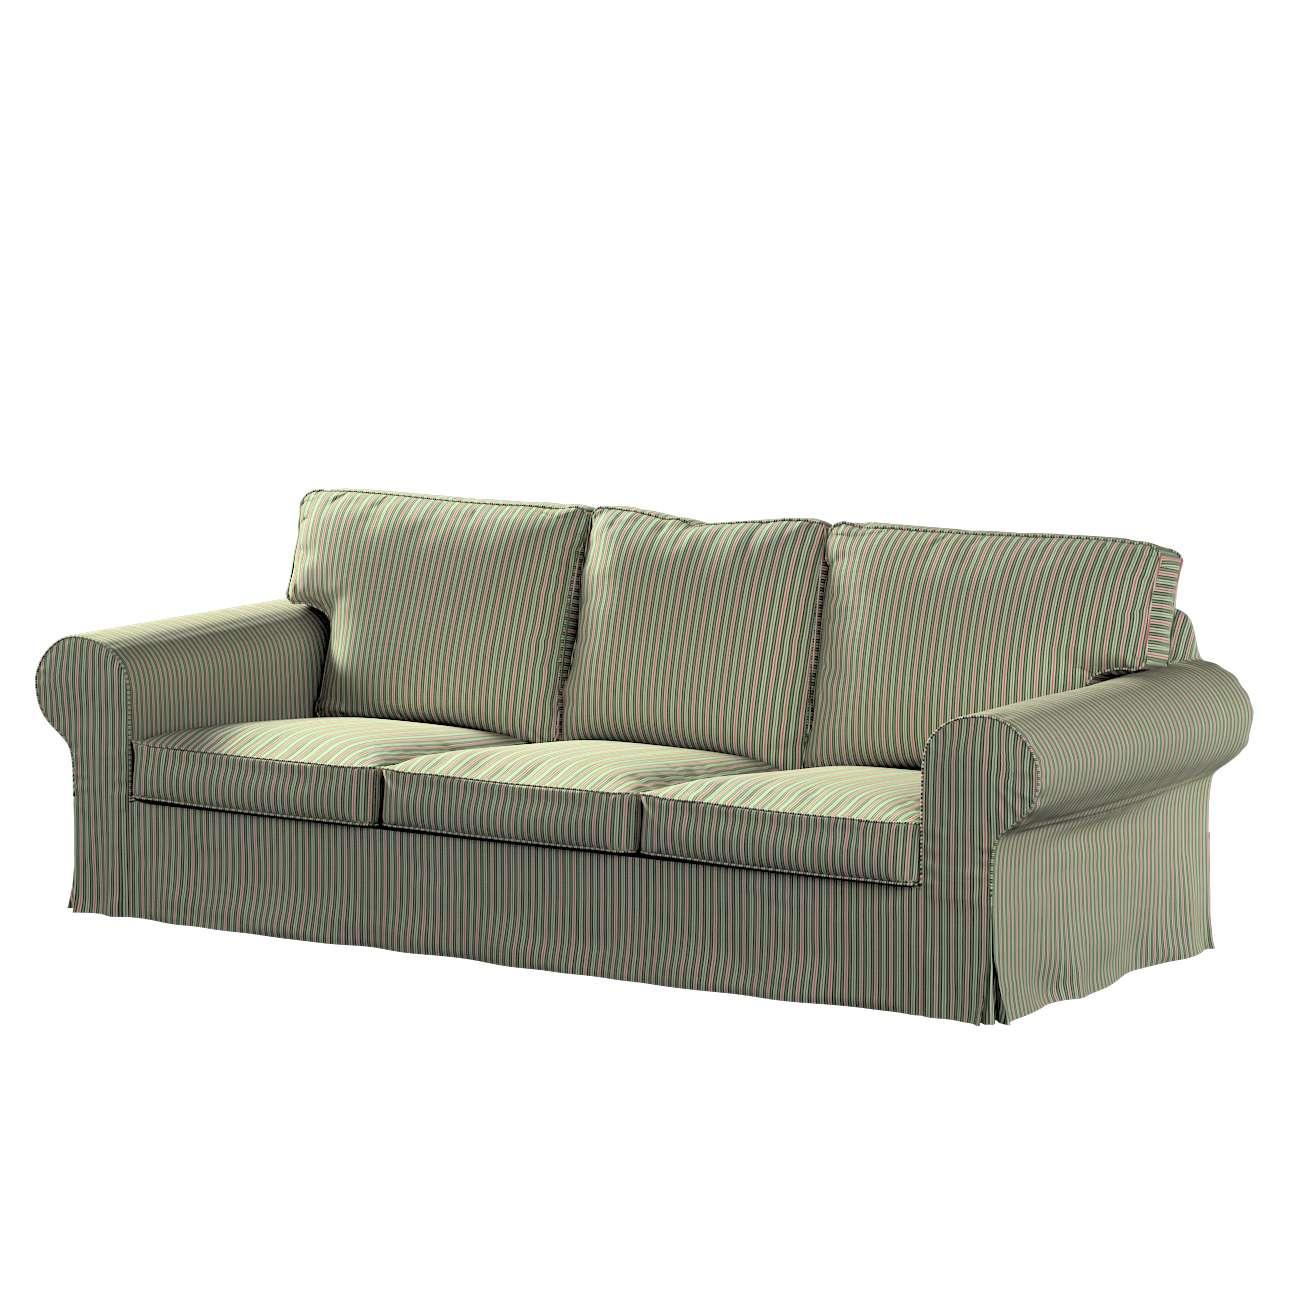 Pokrowiec na sofę Ektorp 3-osobową, rozkładaną w kolekcji Londres, tkanina: 143-42